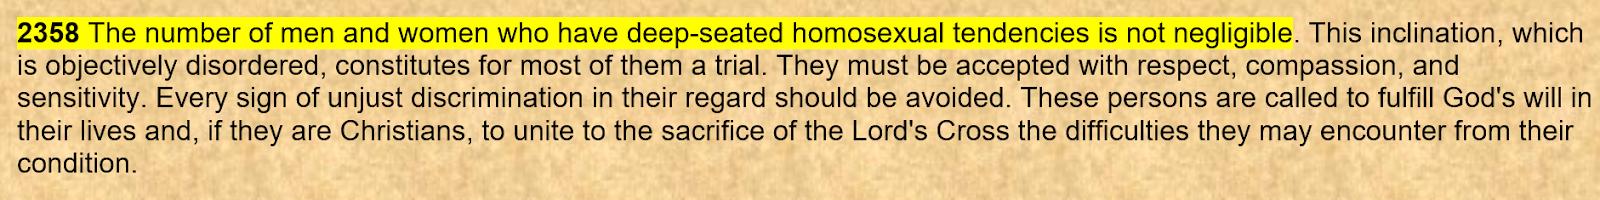 Van den aardweg homosexuality statistics